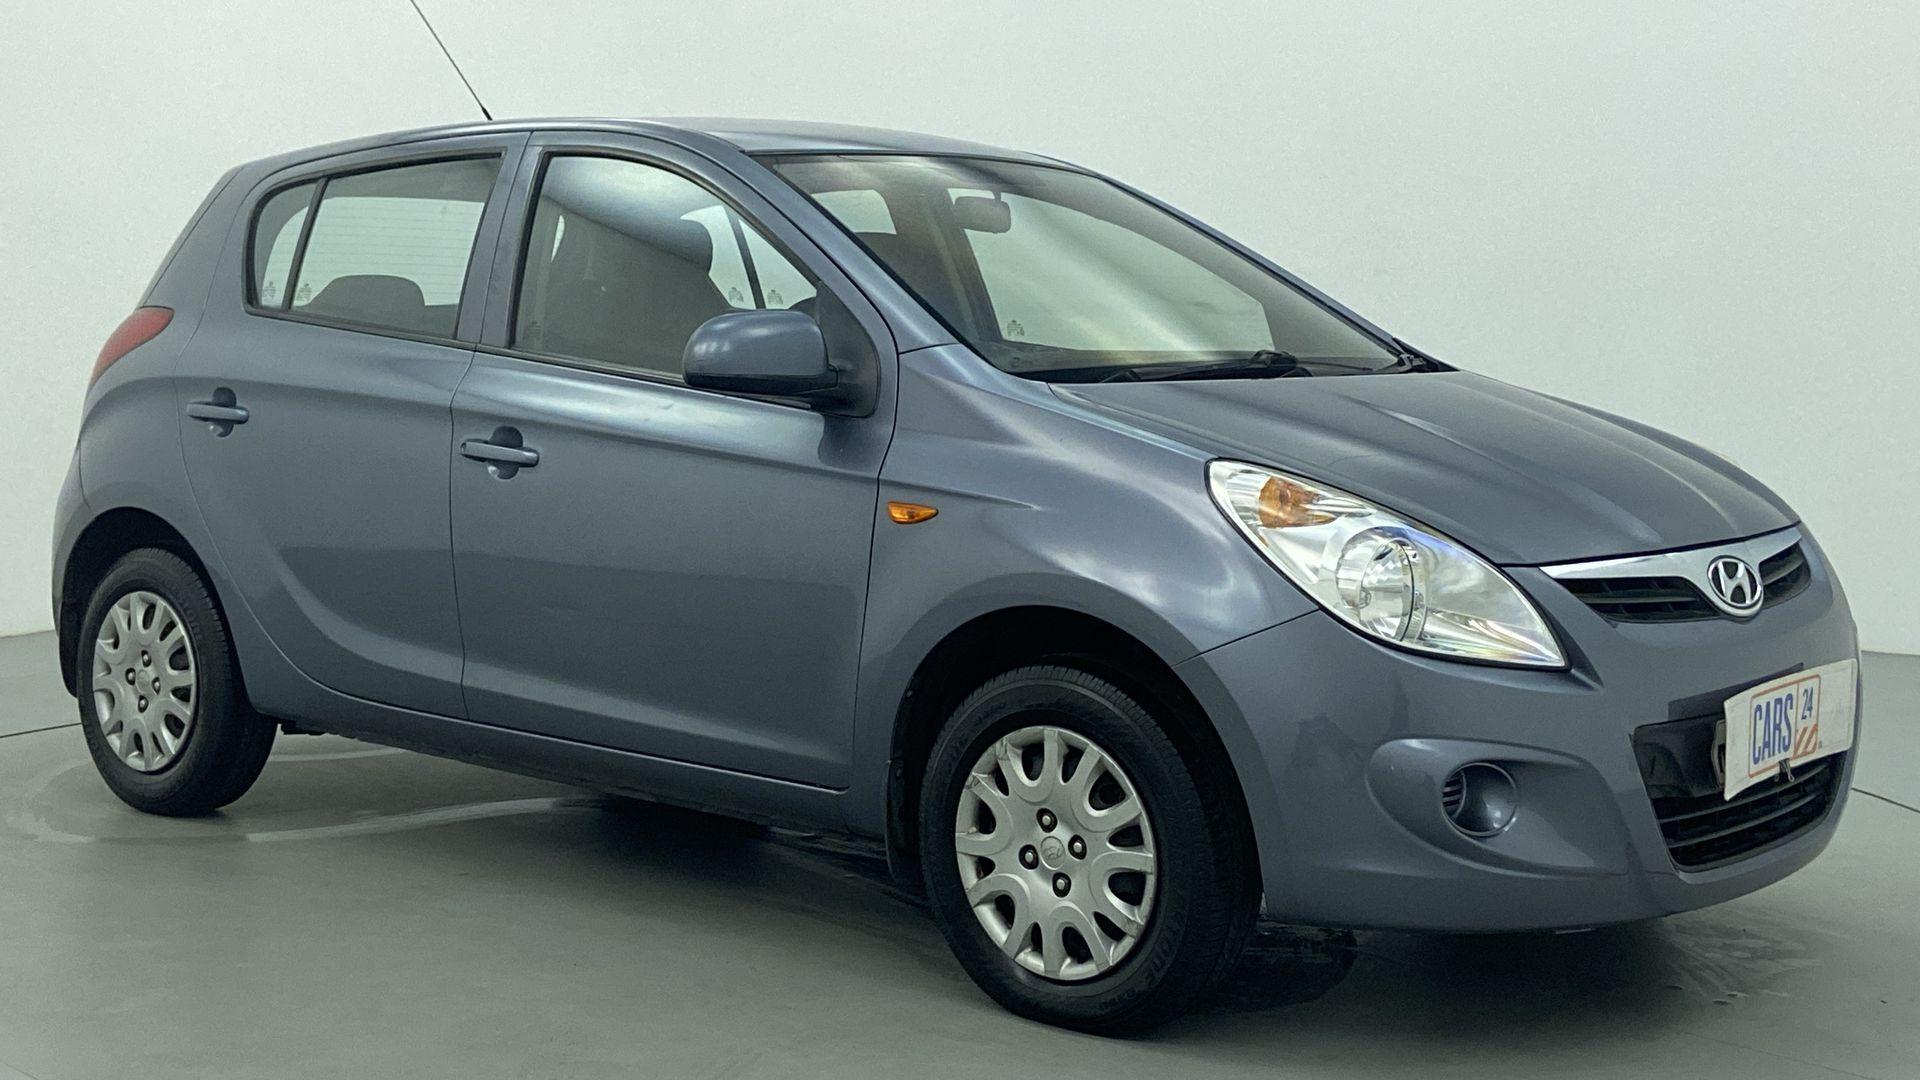 2012 Hyundai i20 MAGNA O 1.4 CRDI